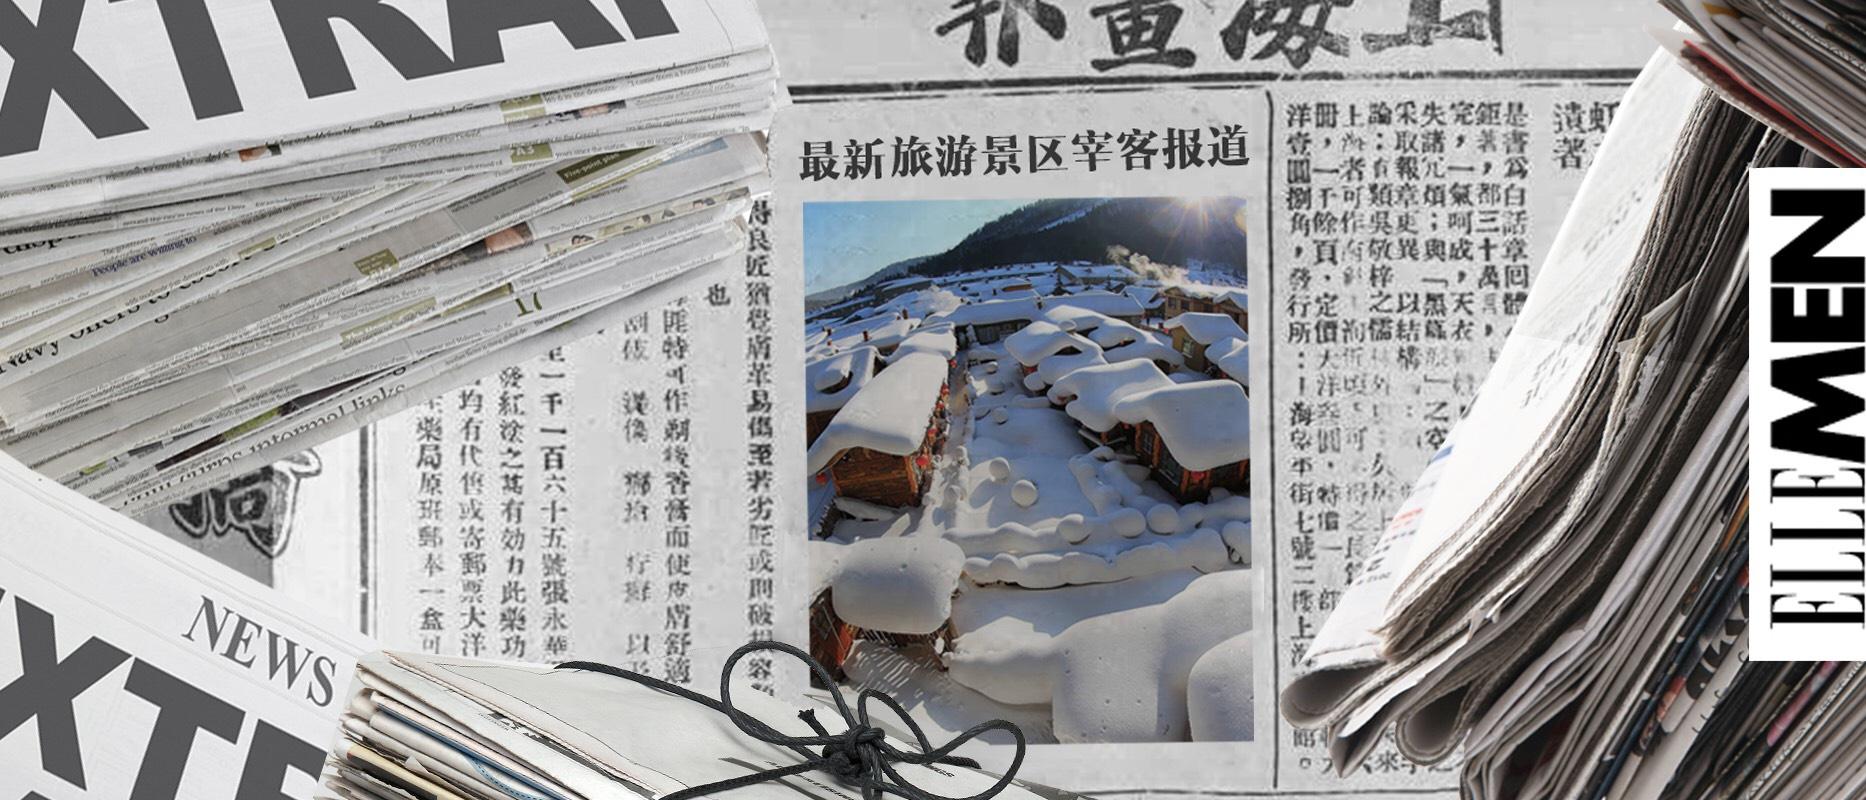 中国最坑网红景点哪家强?